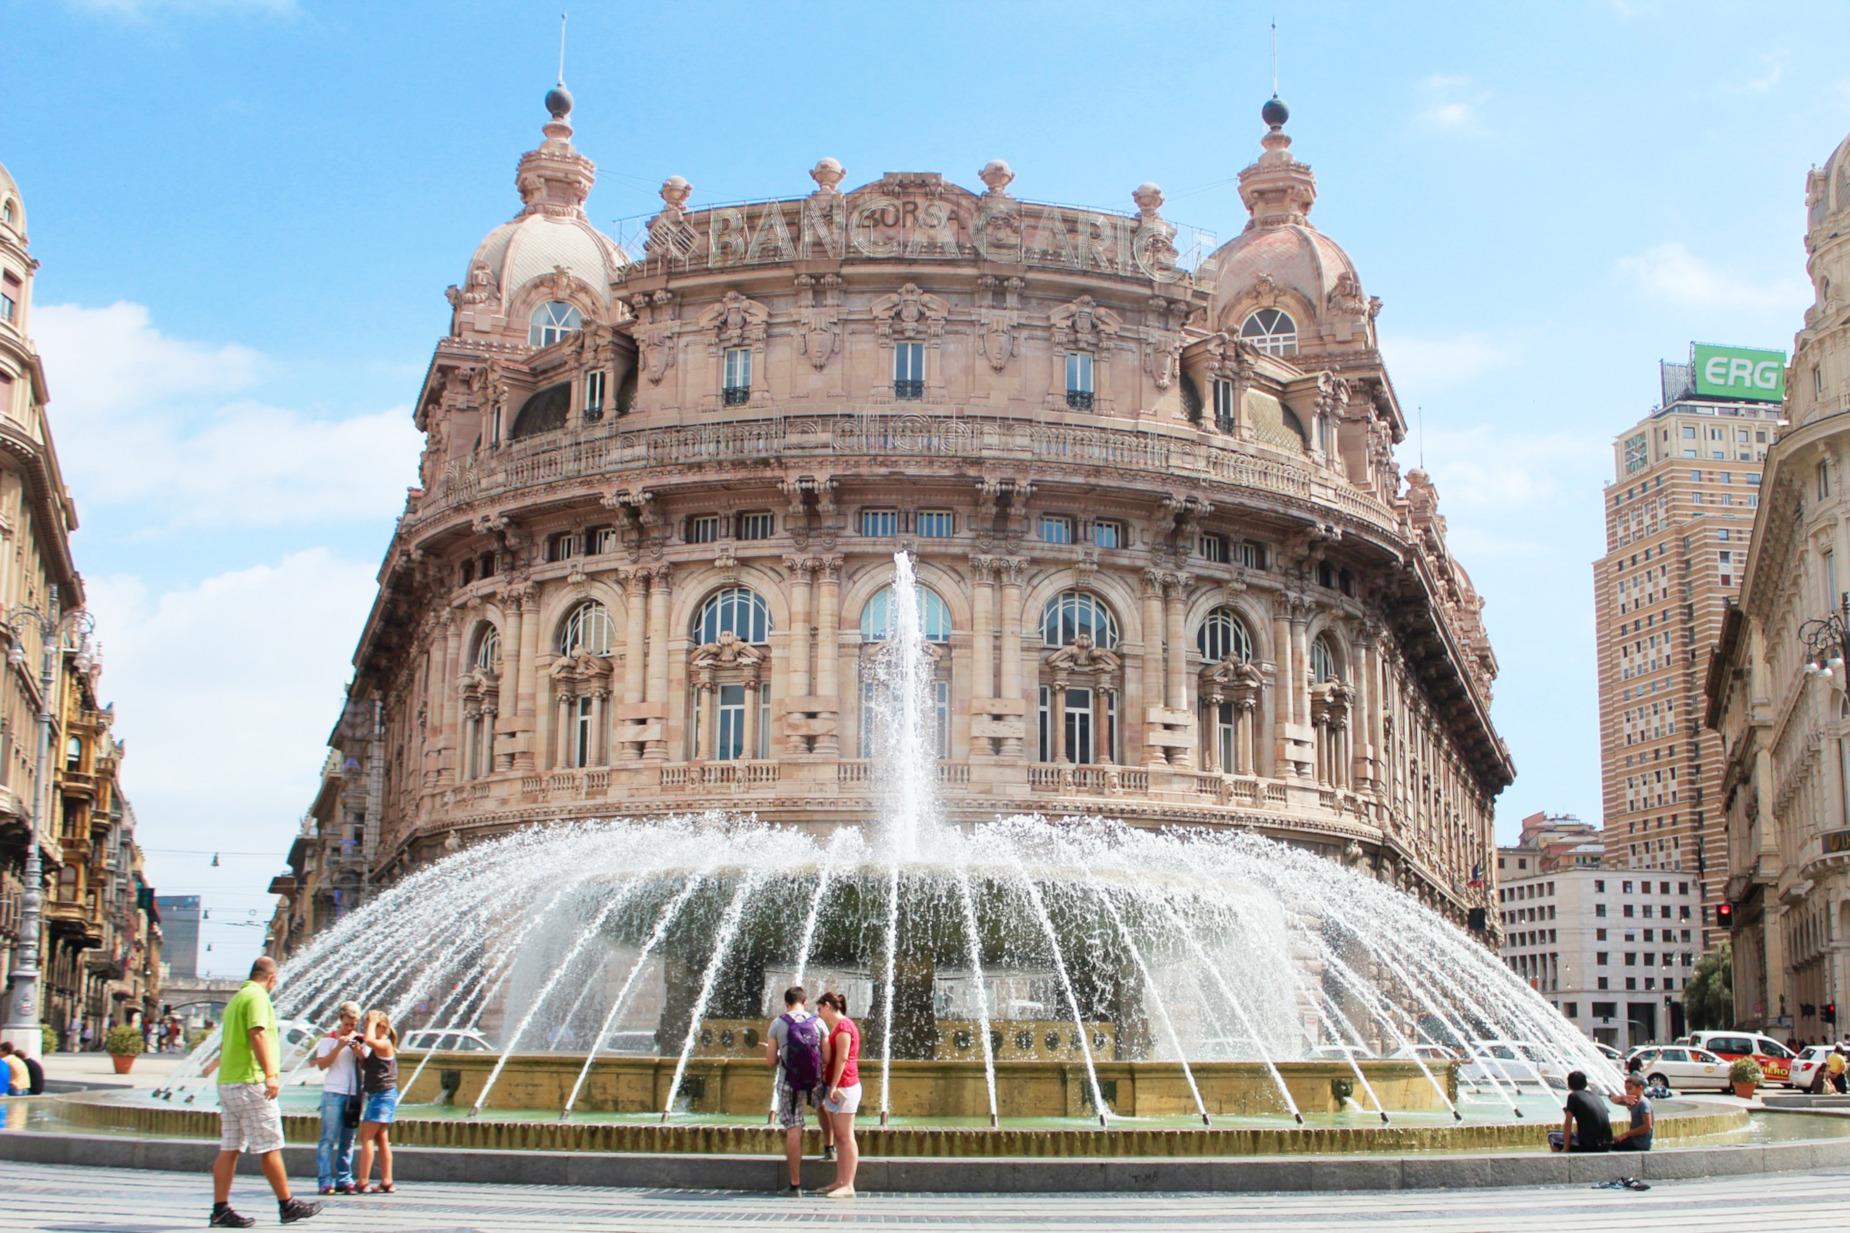 Kiedyś stolica morskiej republiki, a dziś ważne portowe miasto pełne zabytków. O włoskiej Genui w IKM